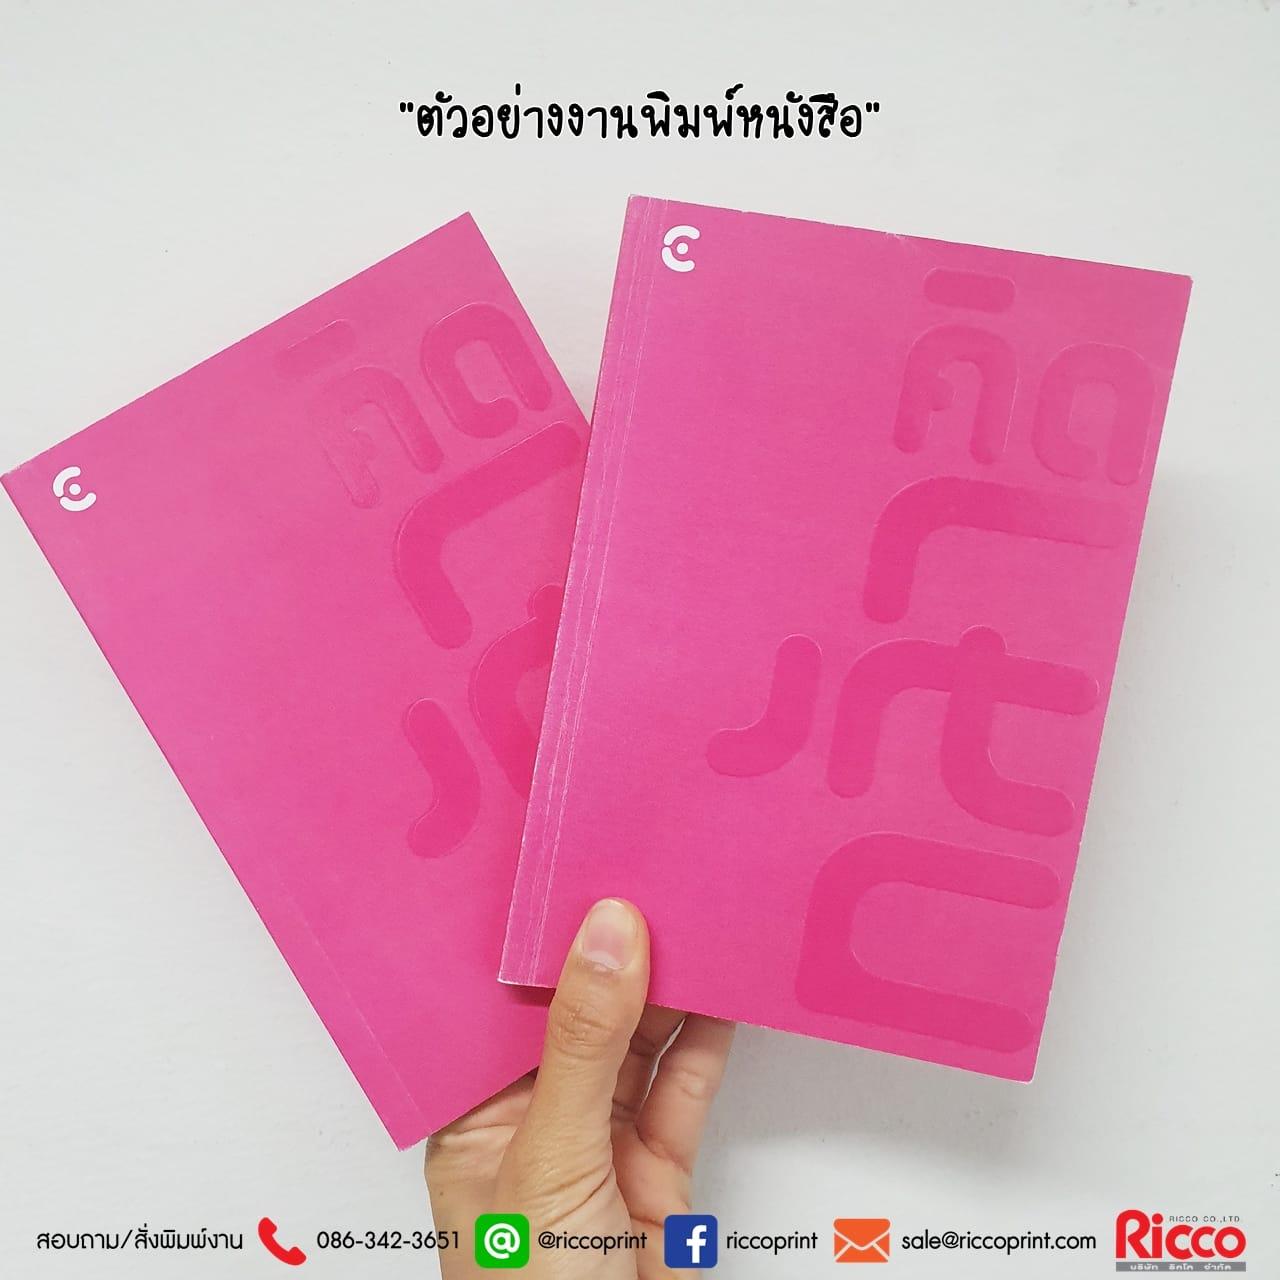 รูป Booklet 2019 15 - ประกอบเนื้อหา หนังสือ คู่มือ Booklet